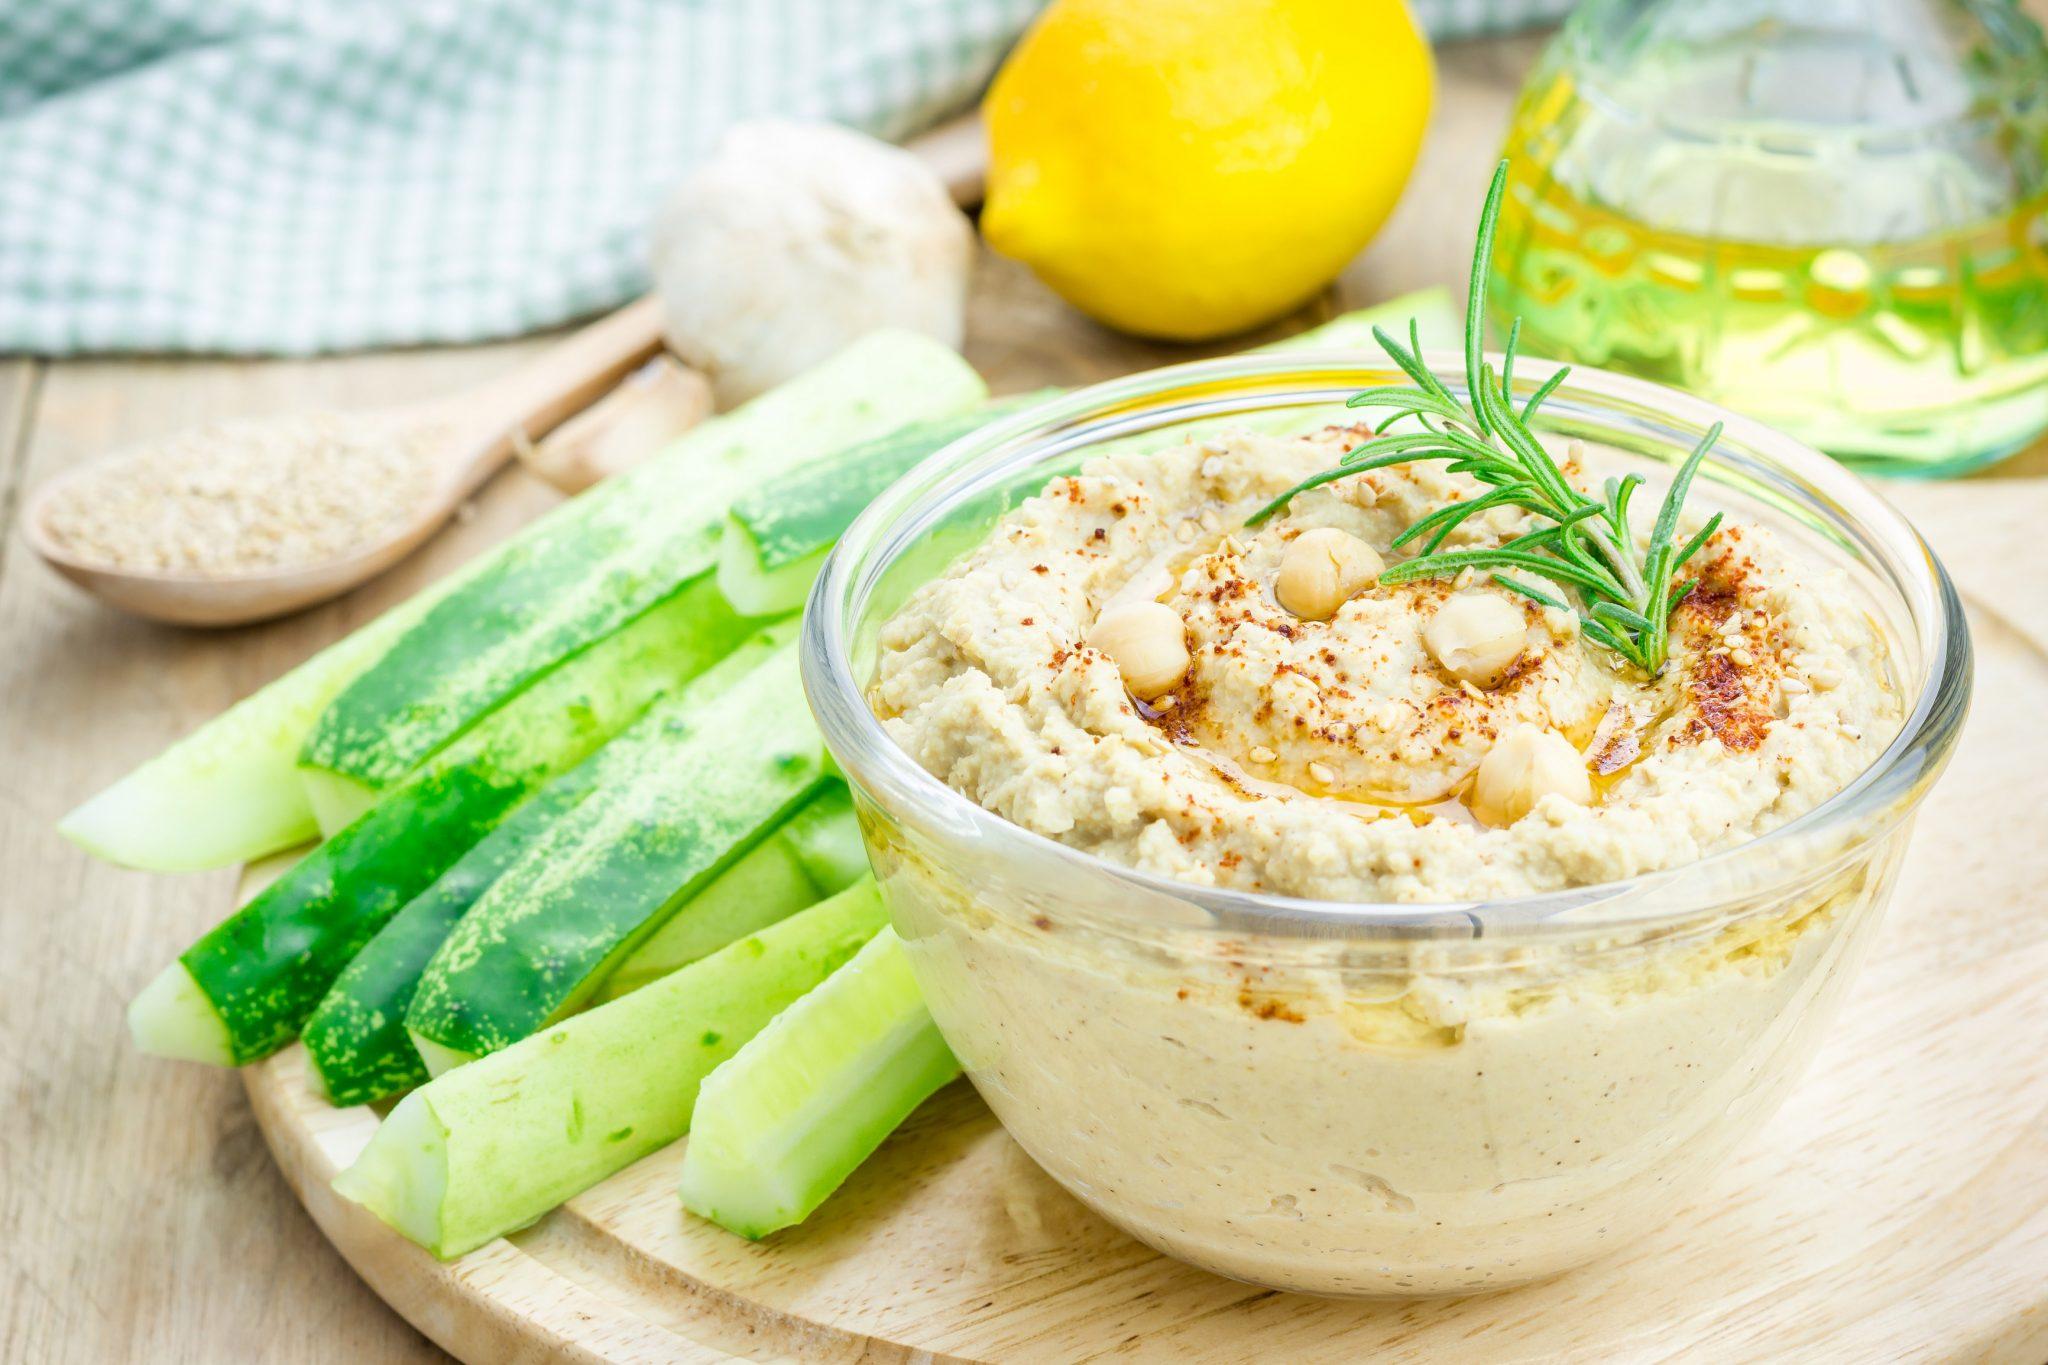 Mezzé, Plat libanais Lannion, traiteur libanais Lannion, cuisine libanaise Lannion